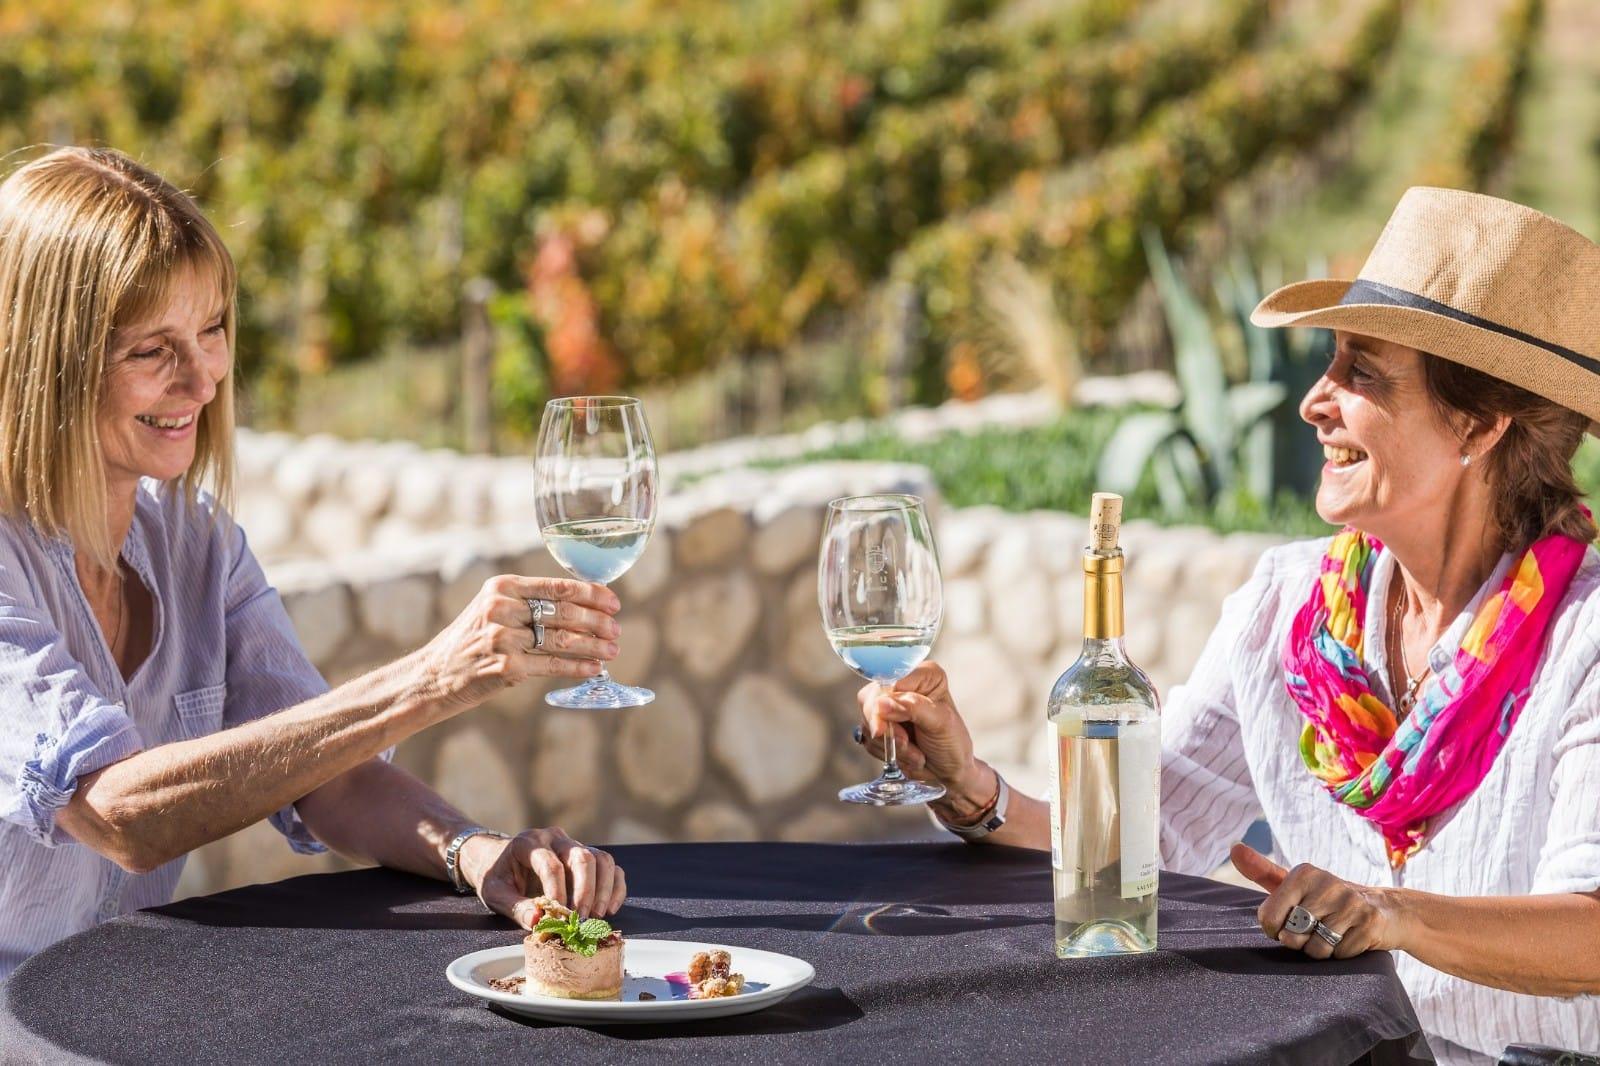 El vino Torrontés, la cepa emblema de Salta que gana espacio